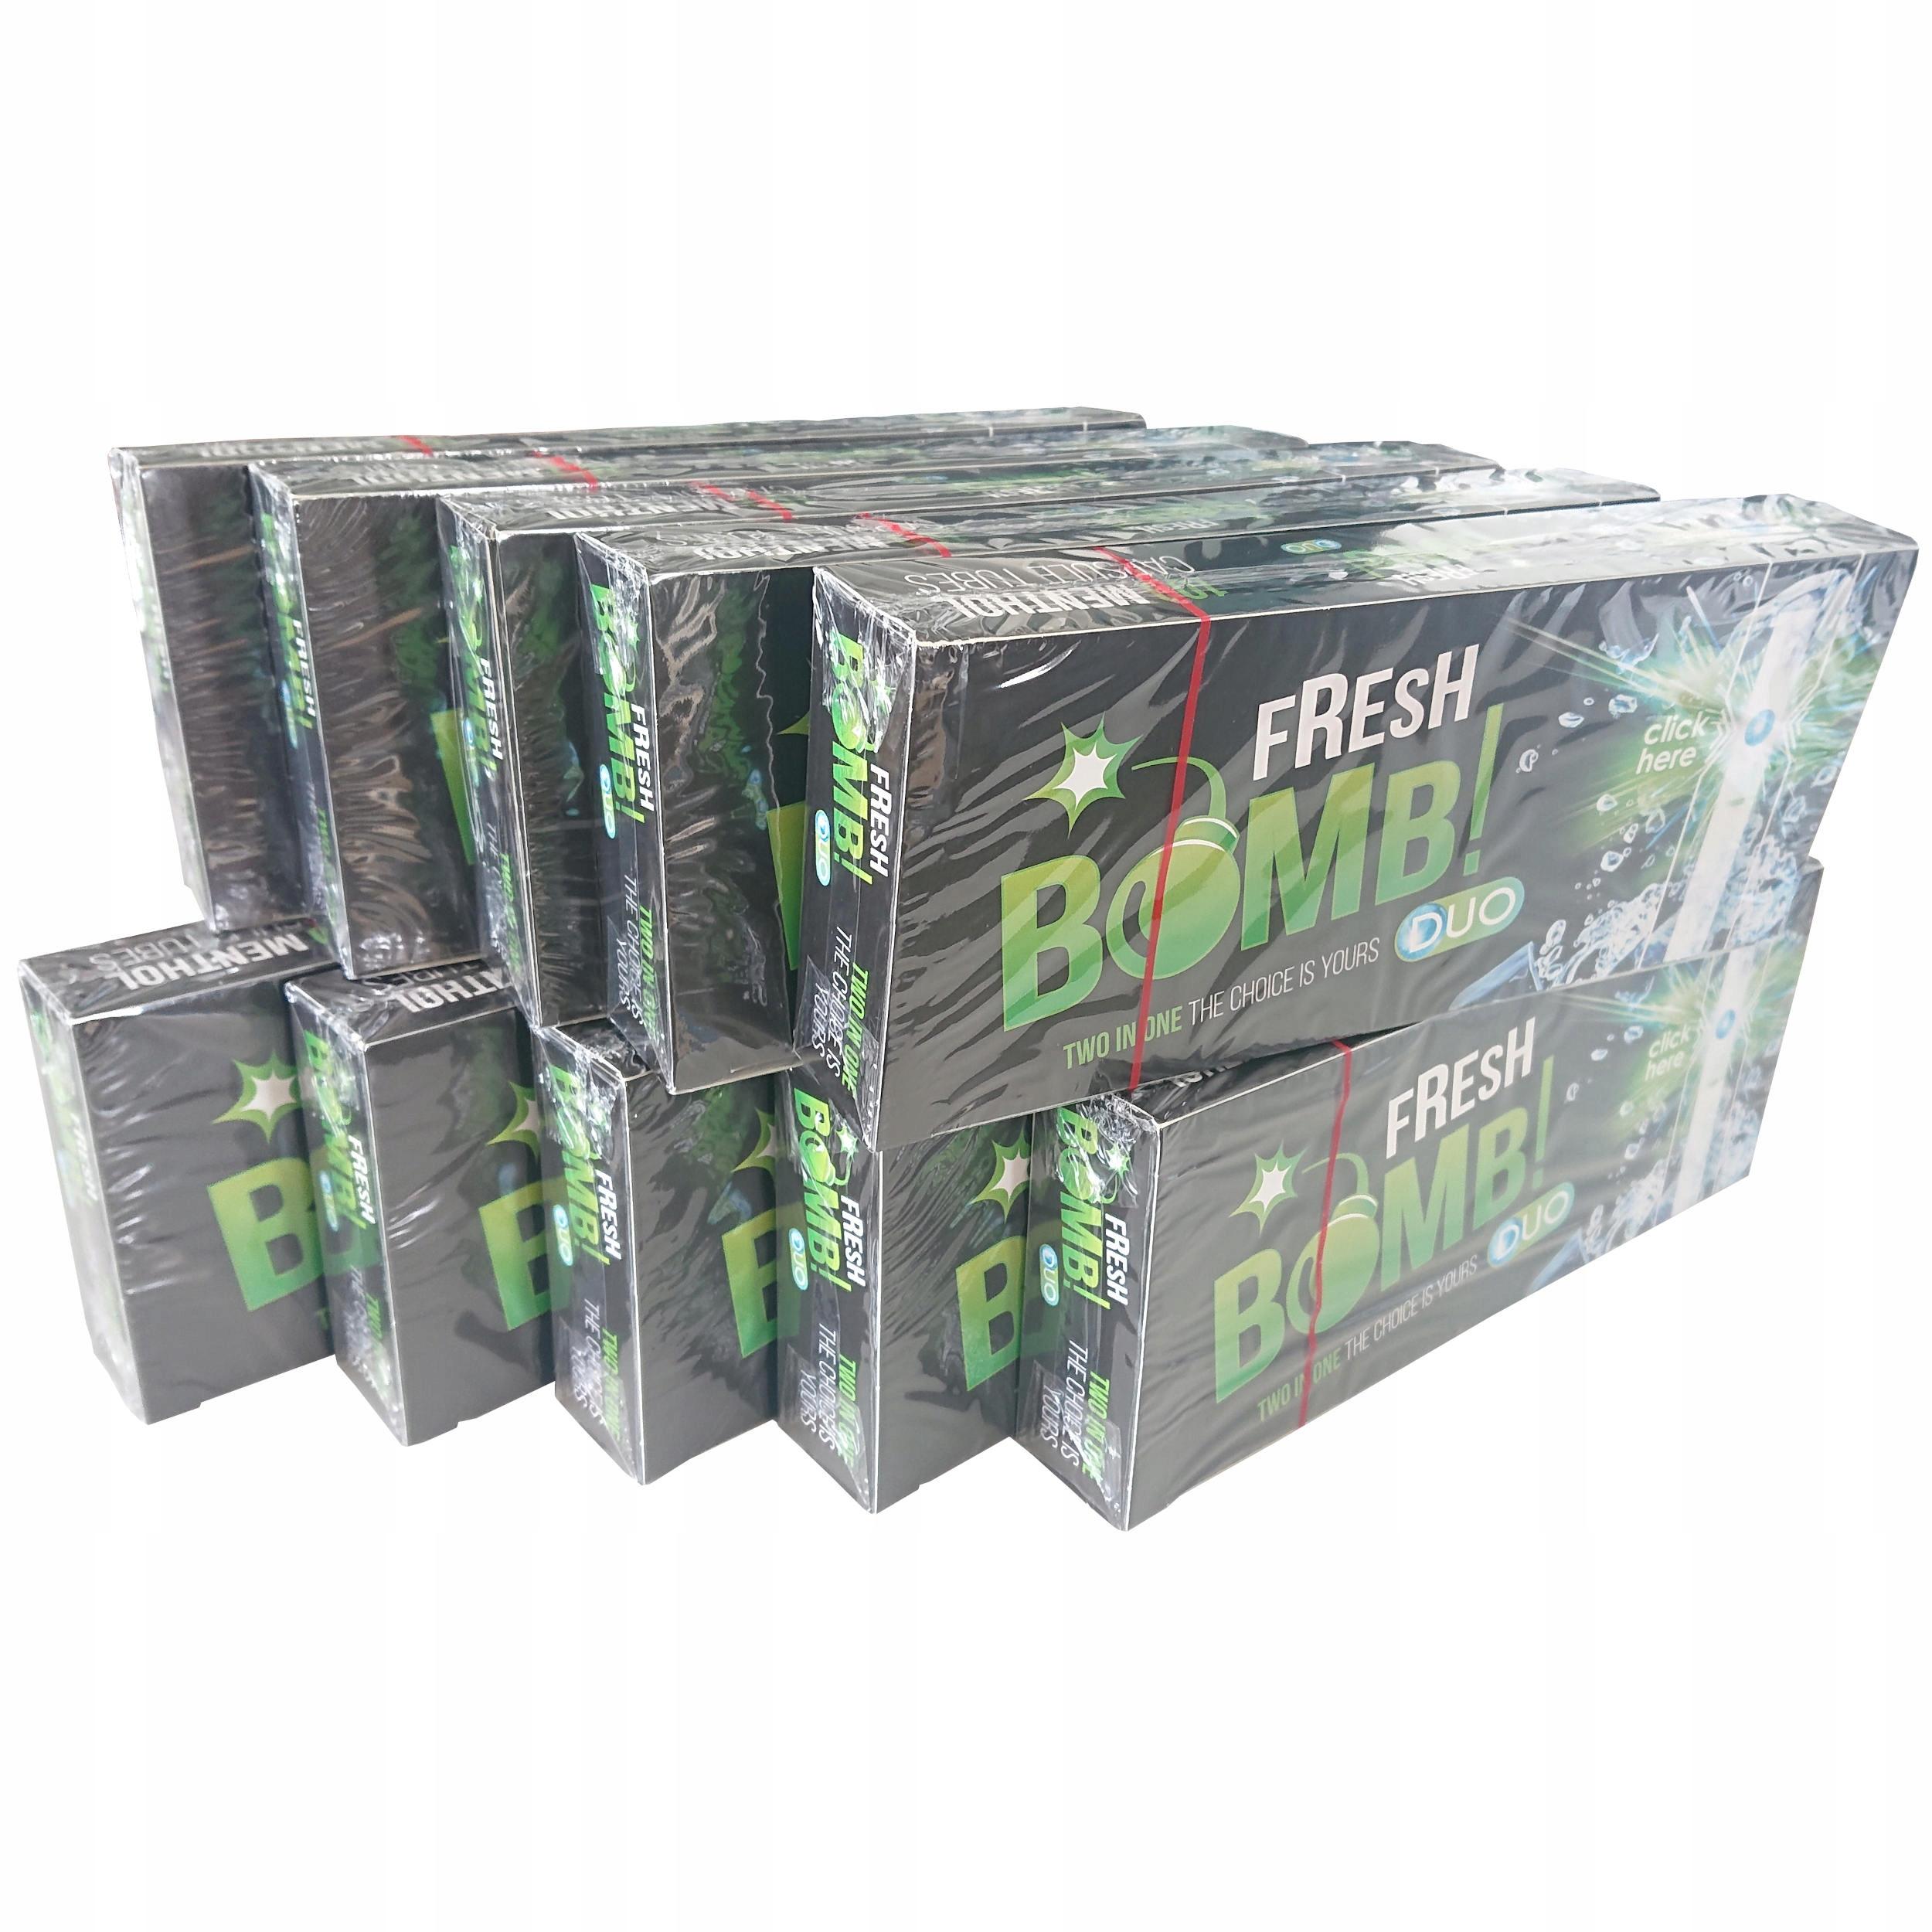 Наперстки Fresh bomb Menthol 10 x 100 шт мятный щелчок